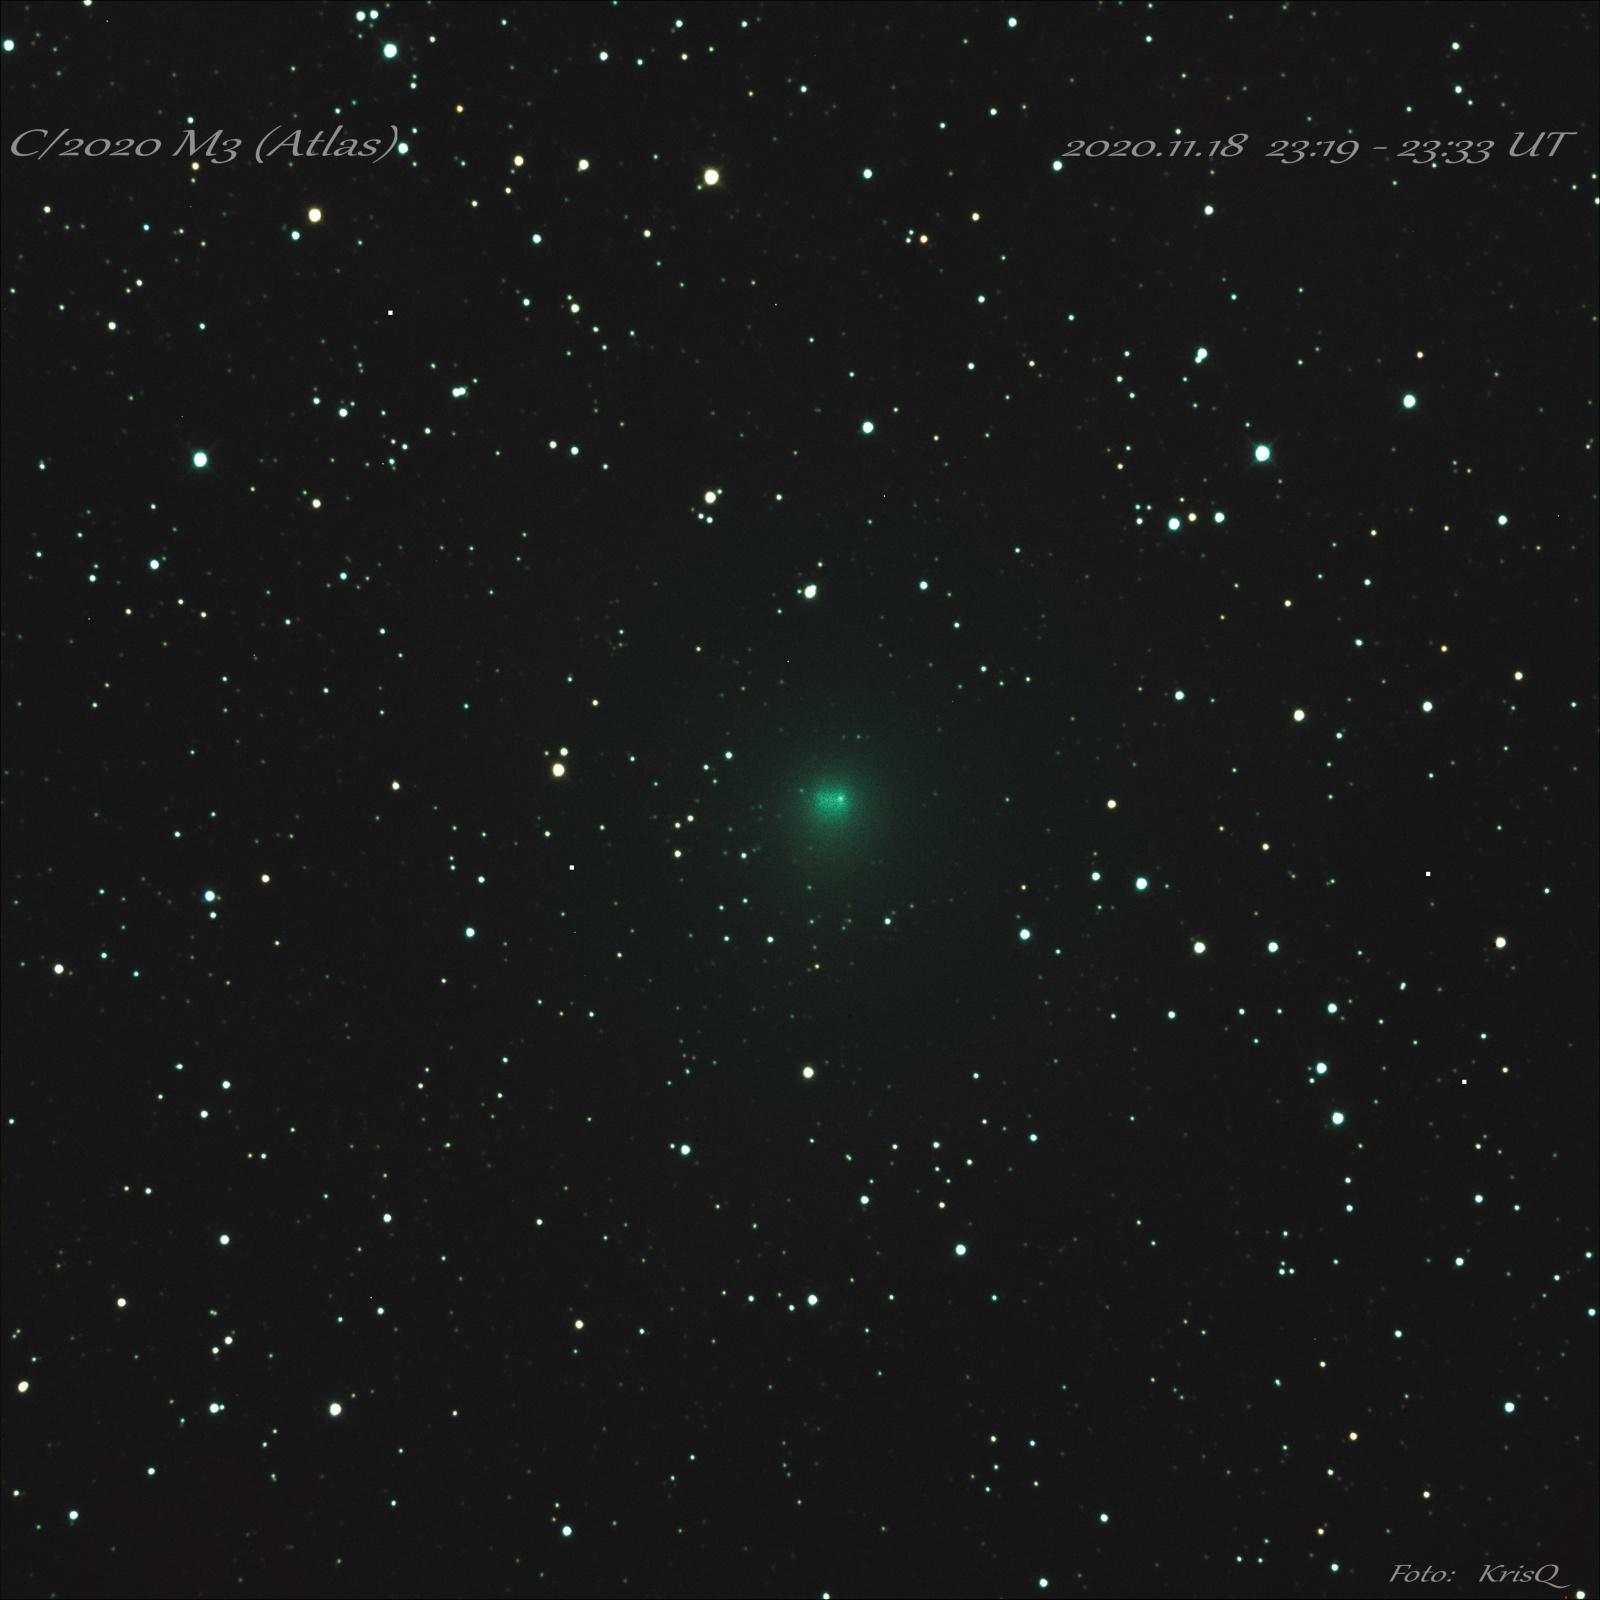 komet-ka c-2020 m3 atlas.jpg